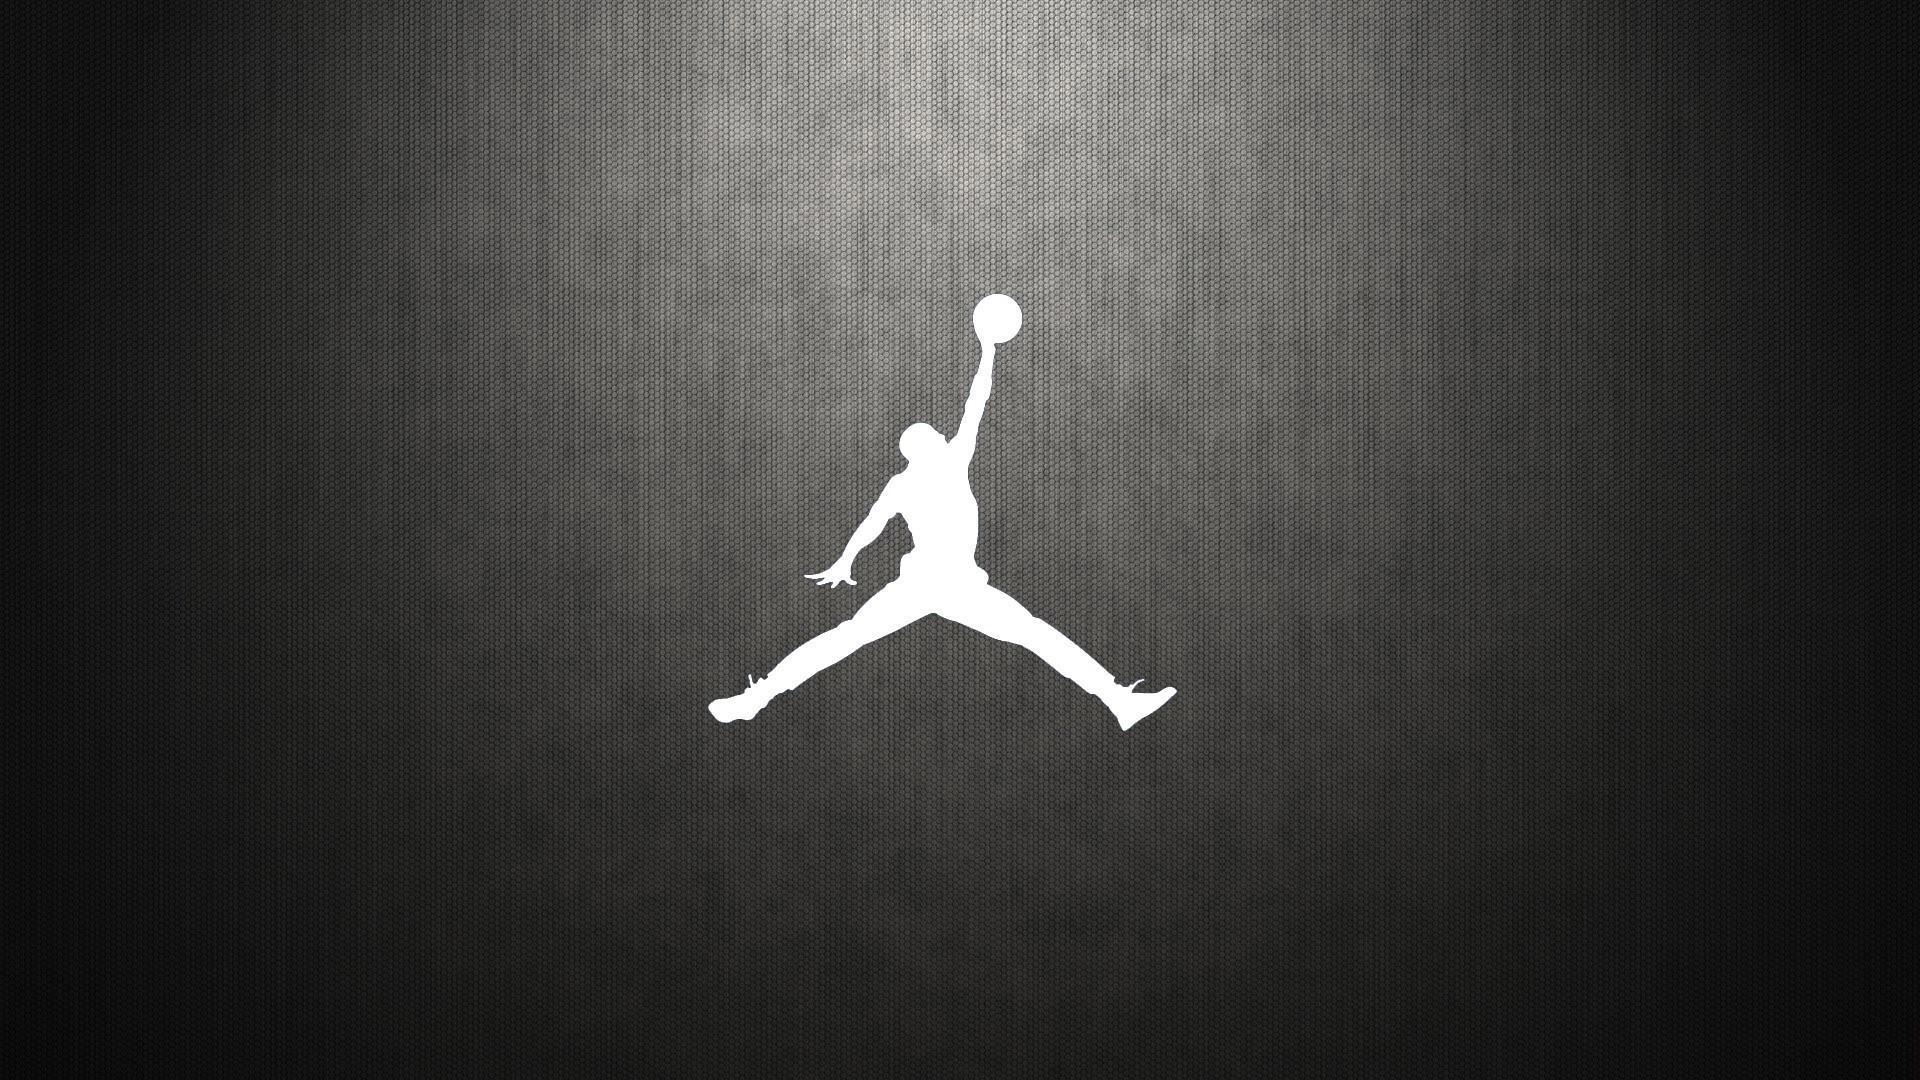 Nike And Jordan Wallpaper